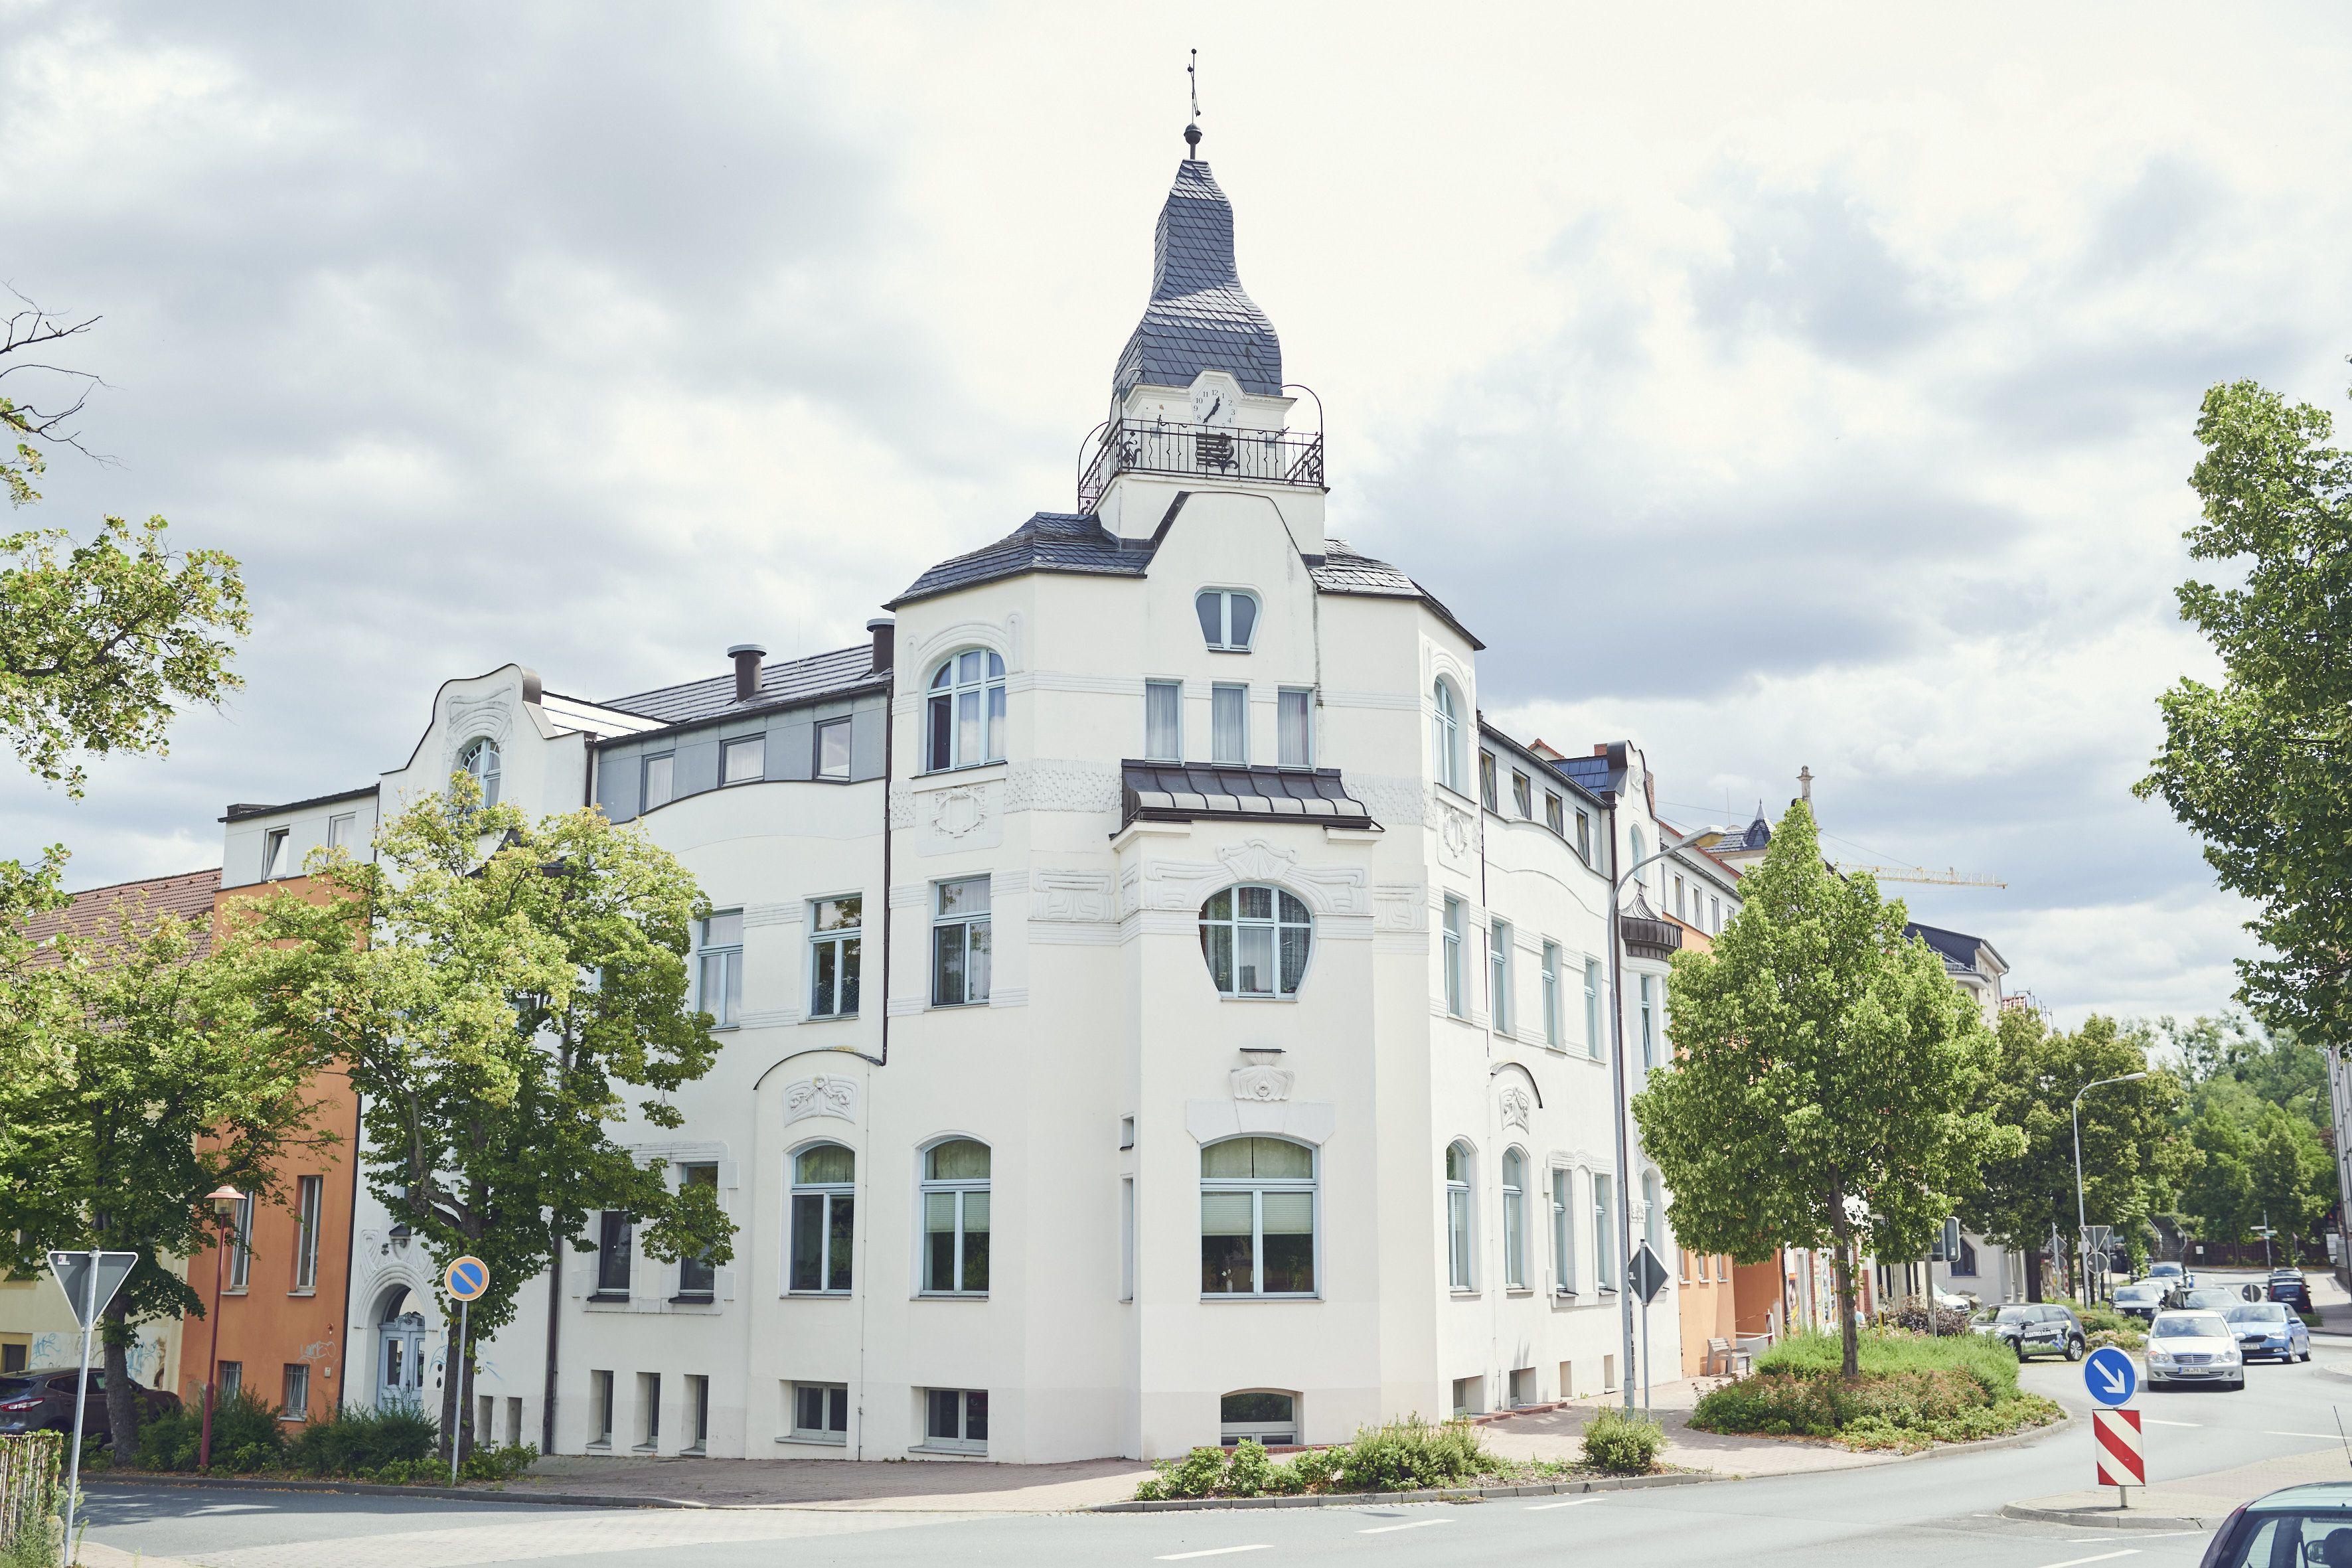 Das Haus Käthe-Kollwitz